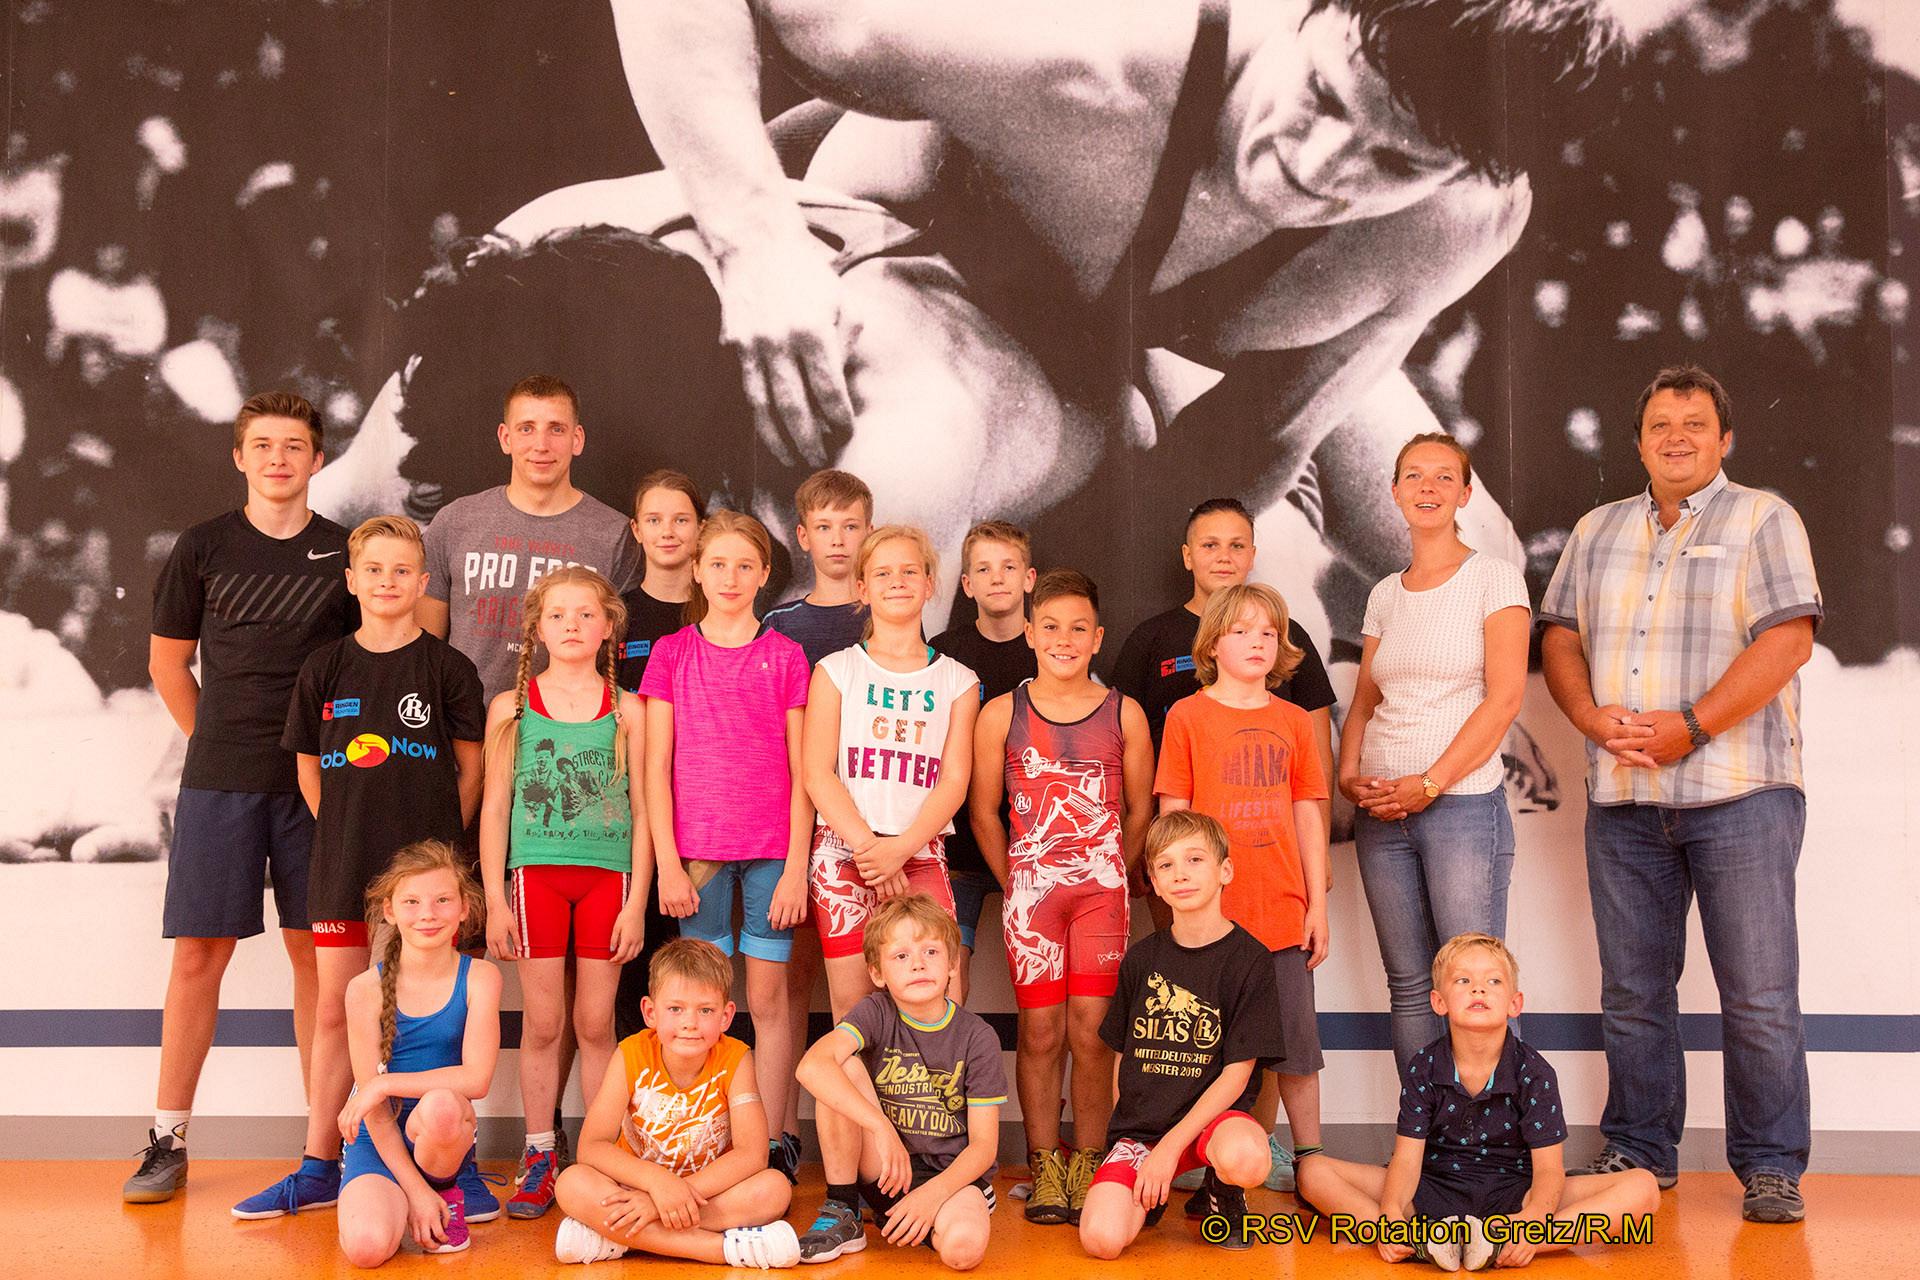 Mädchen und Jungen, die das ganze Jahr im Juniorenbereich aktiv und erfolgreich für den RSV Rotation Greiz auf die Matte gingen, trafen sich am Freitagabend zum Saisonabschluss in der Zweifeldersporthalle.